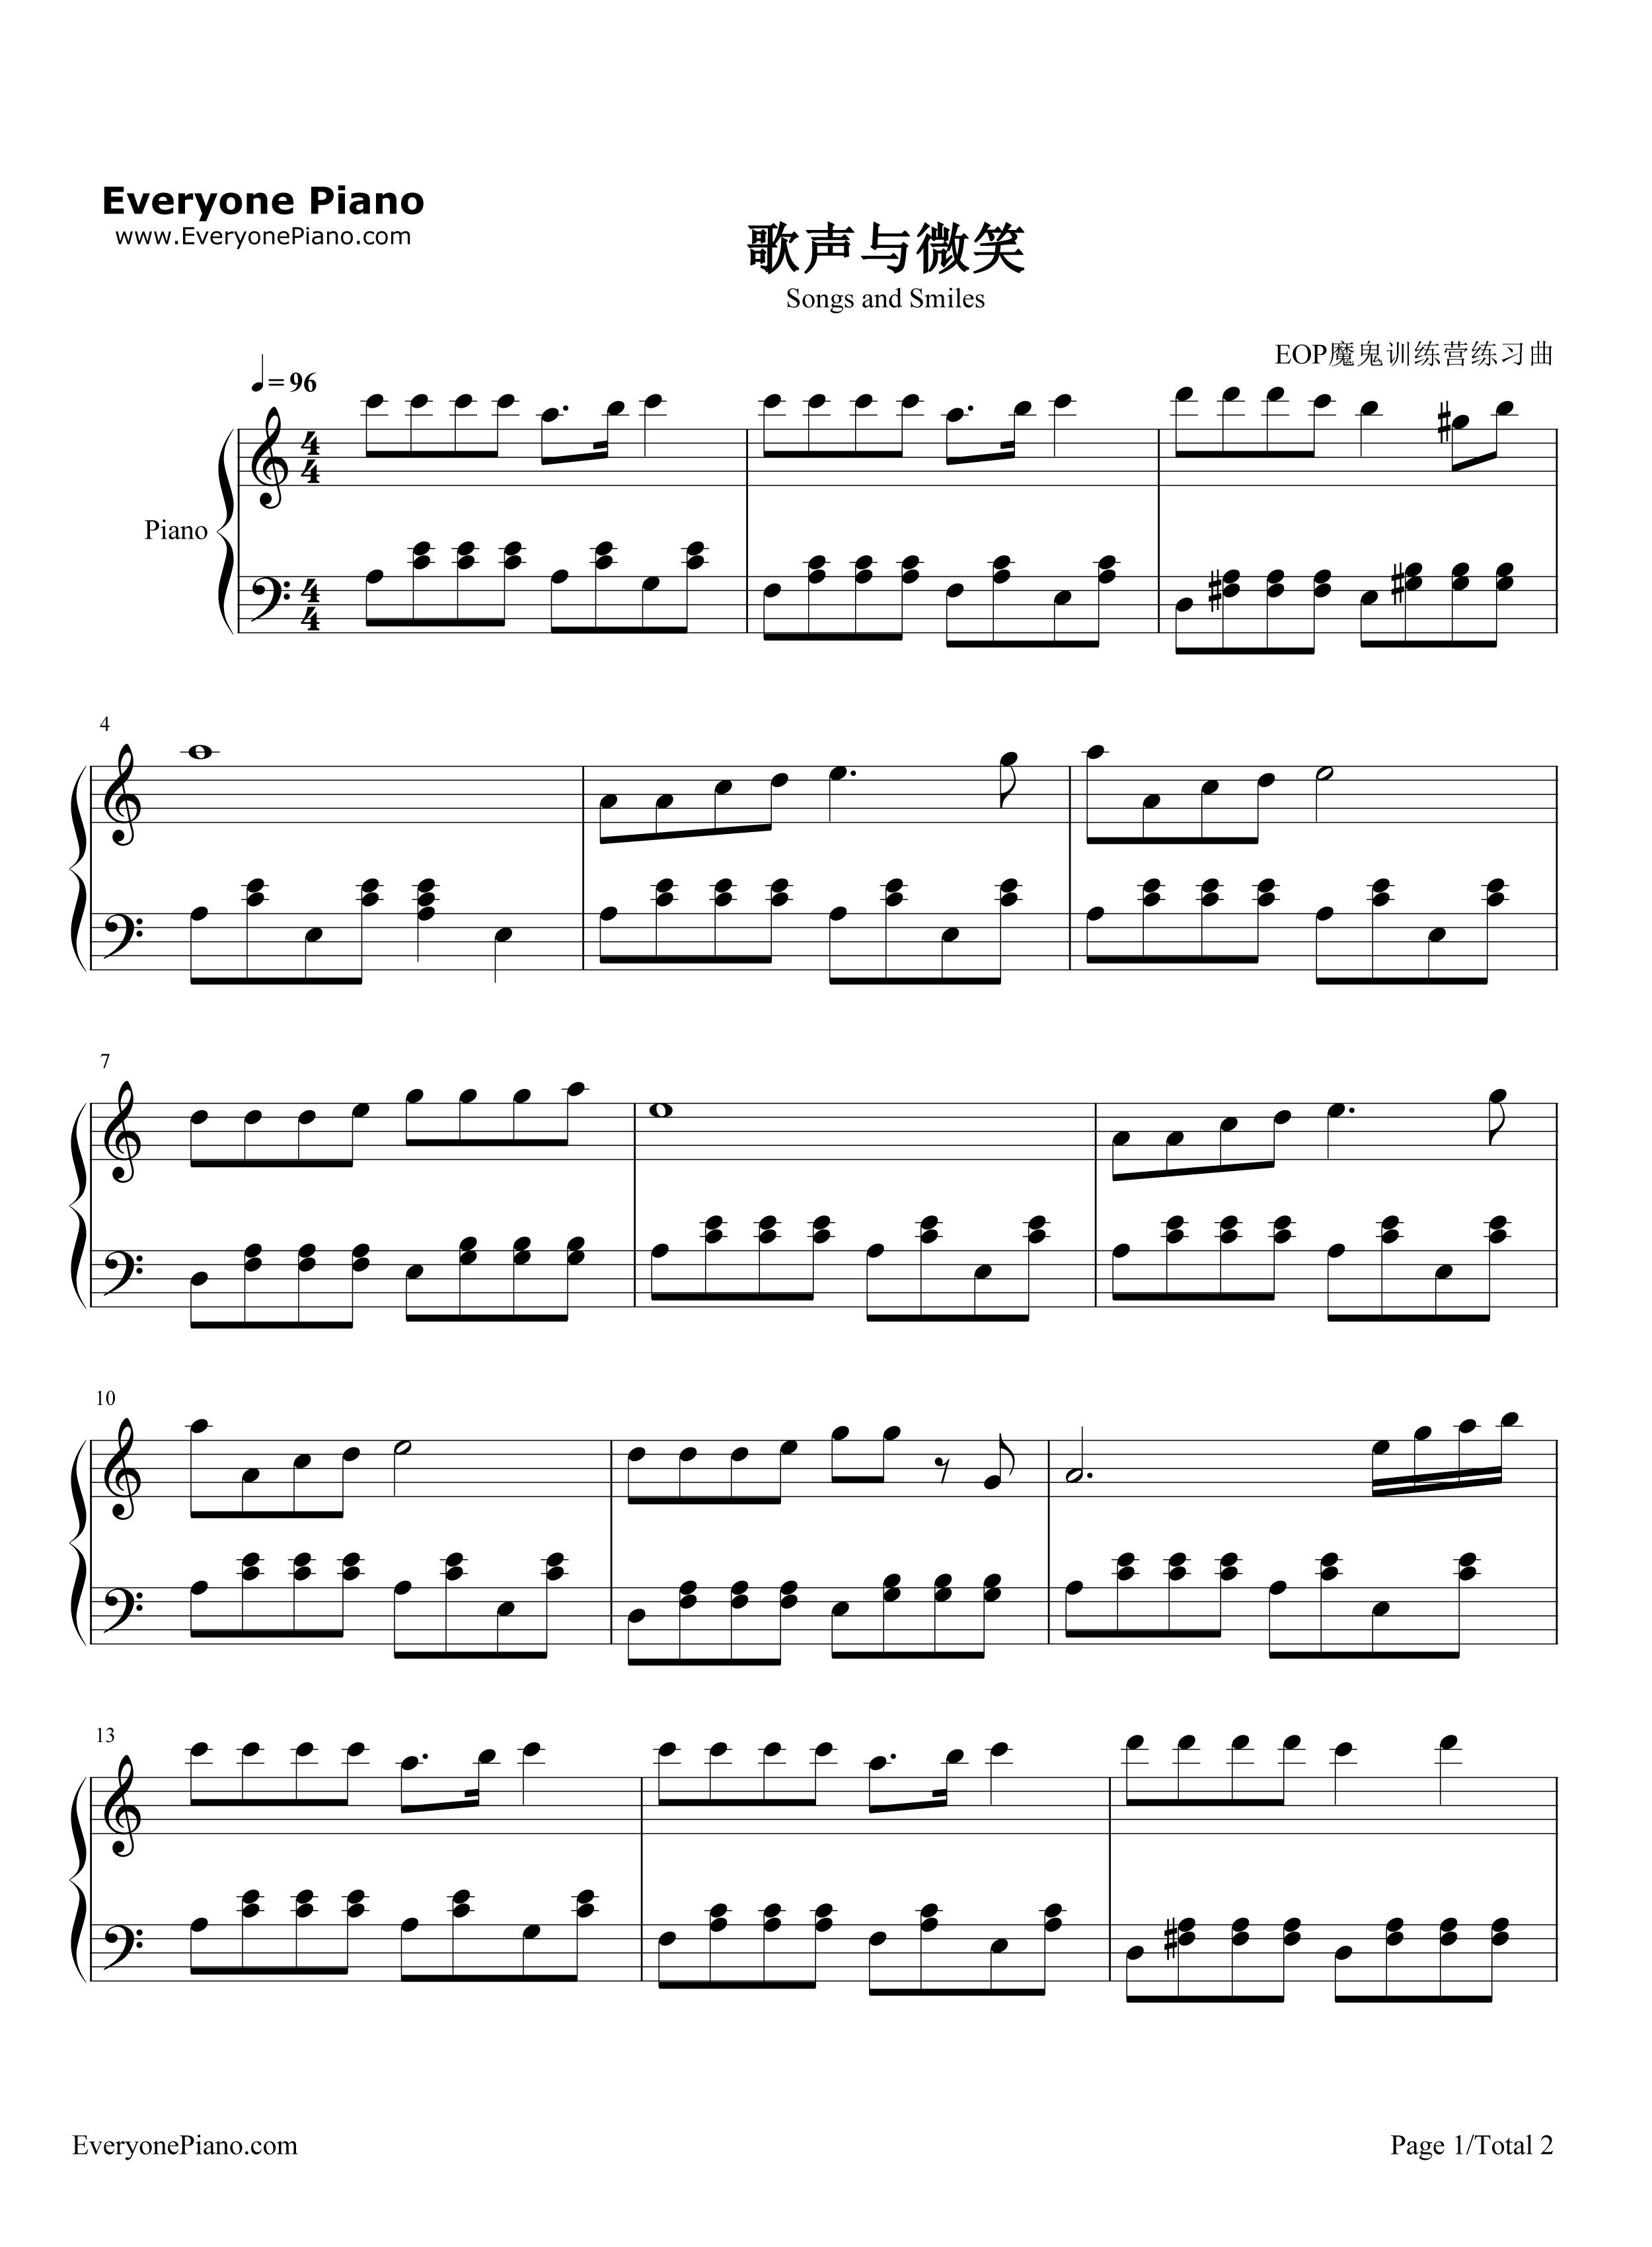 歌声与微笑歌谱_钢琴谱五线谱分享_钢琴谱五线谱图片下载